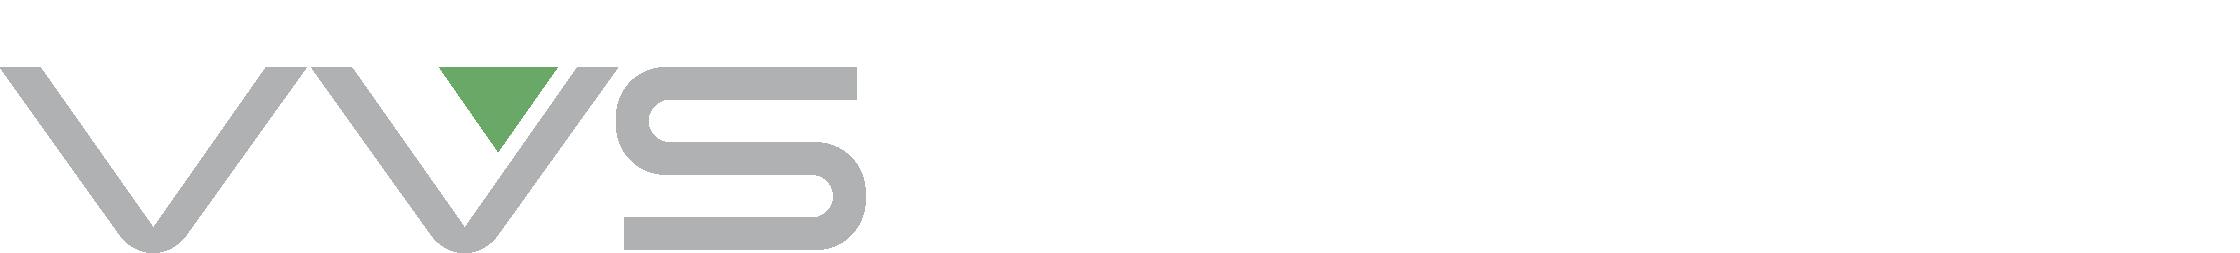 VVS Bømlo